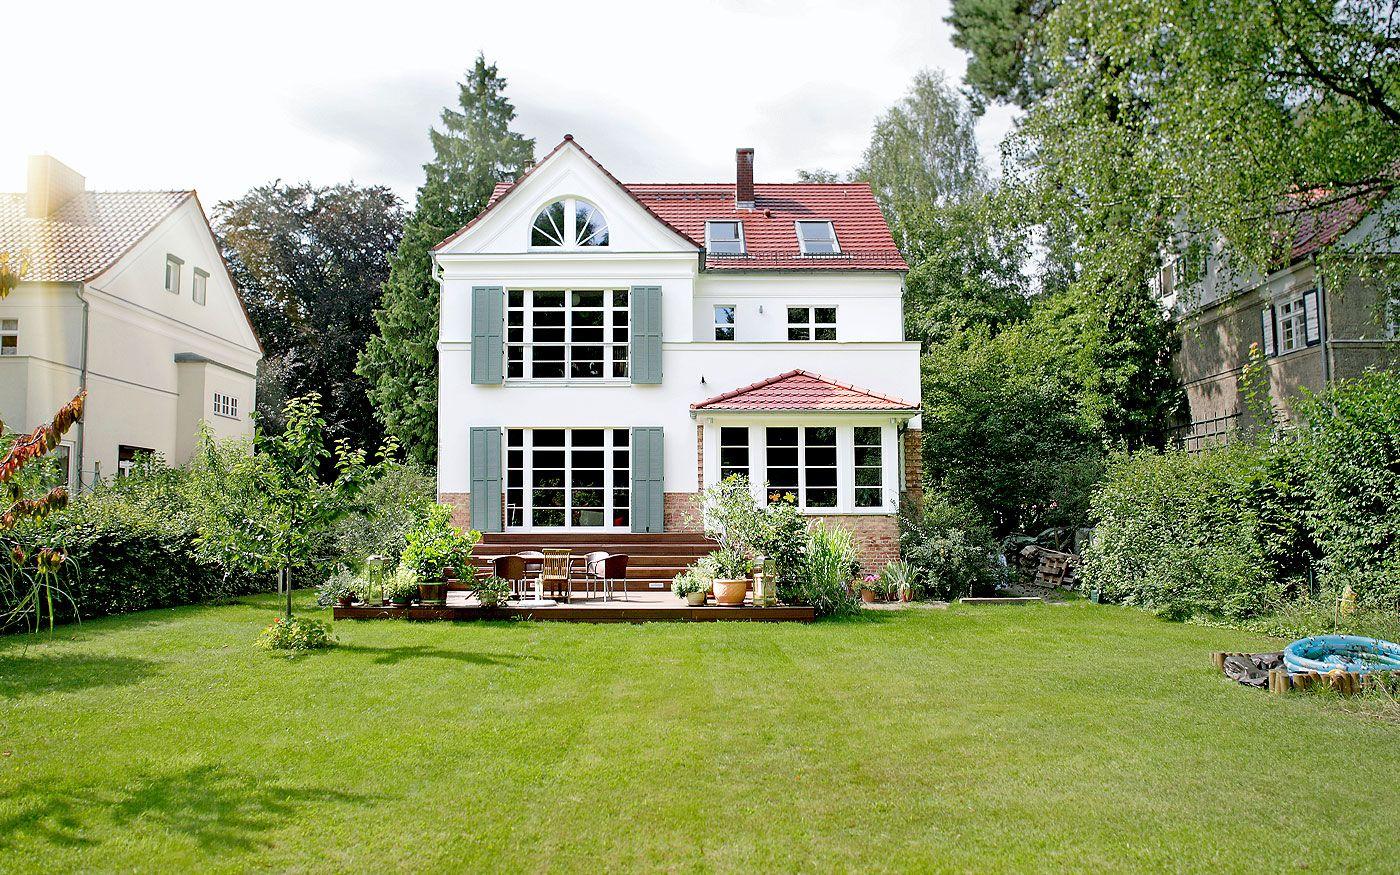 Haus Dianastrasse Bild 1 | Dream Home | Pinterest | Häuschen ...